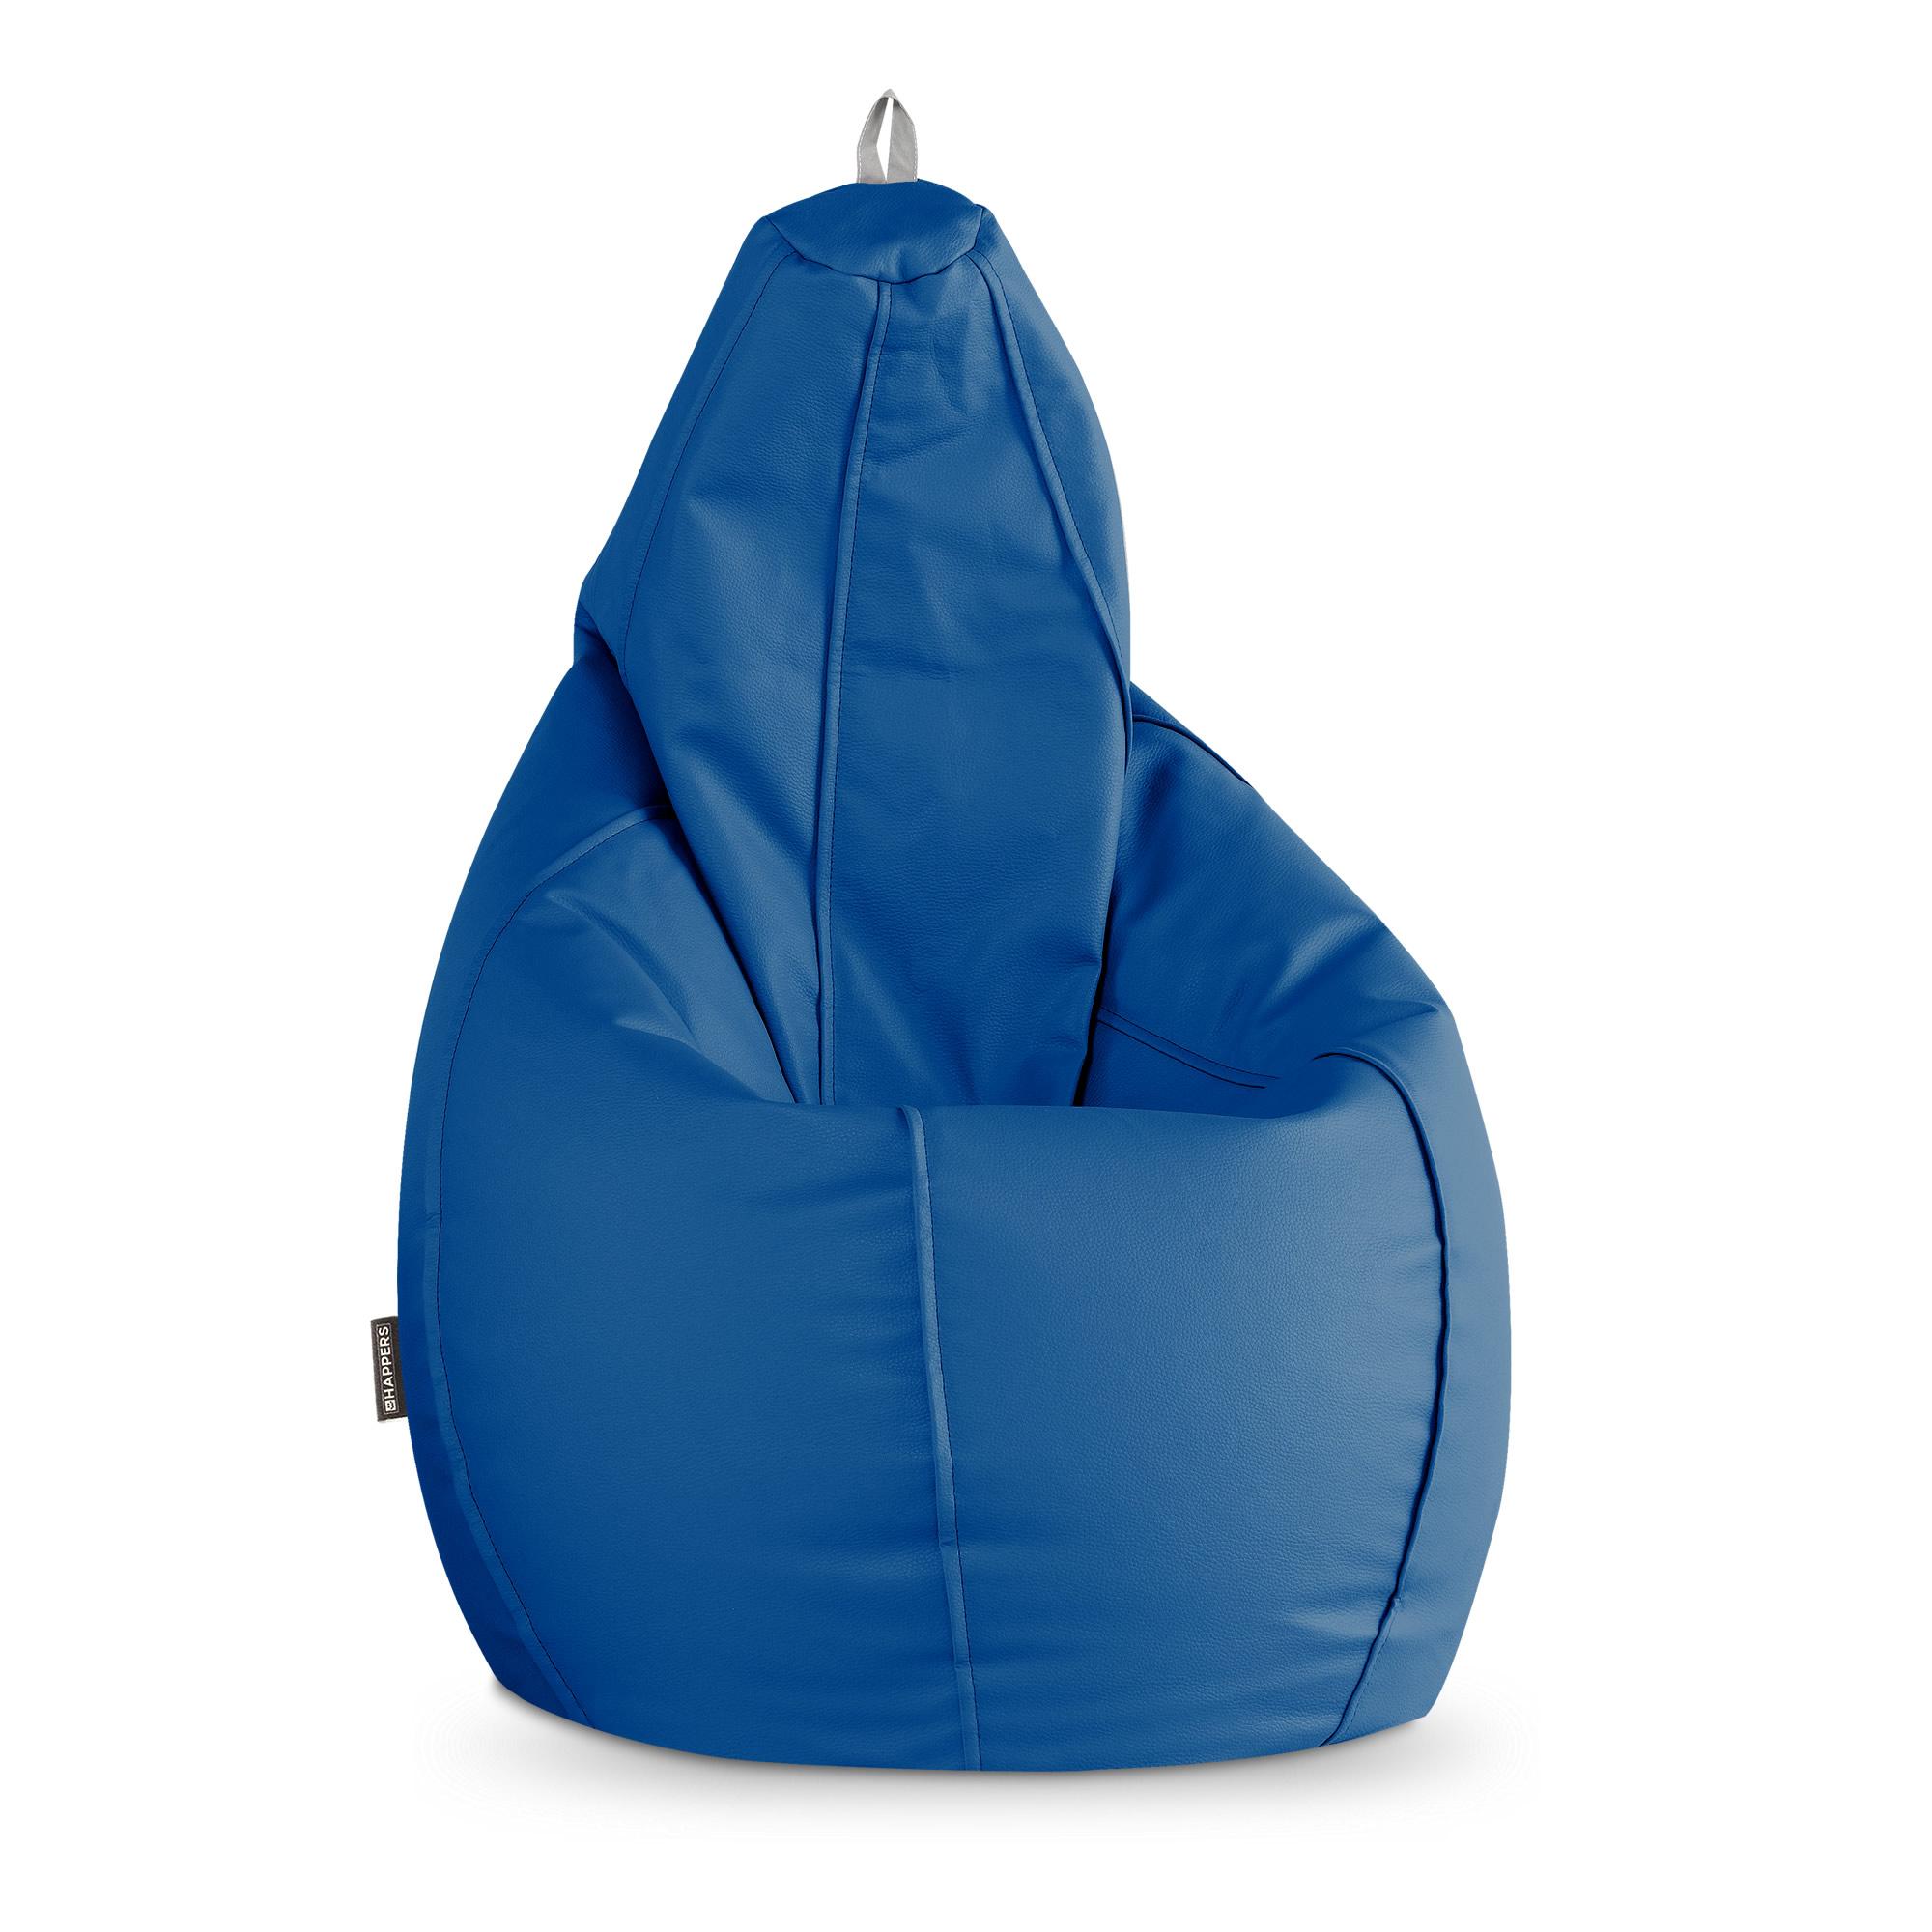 Puff Pera Azul desde 62,90?, envío y devoluciones gratuitas